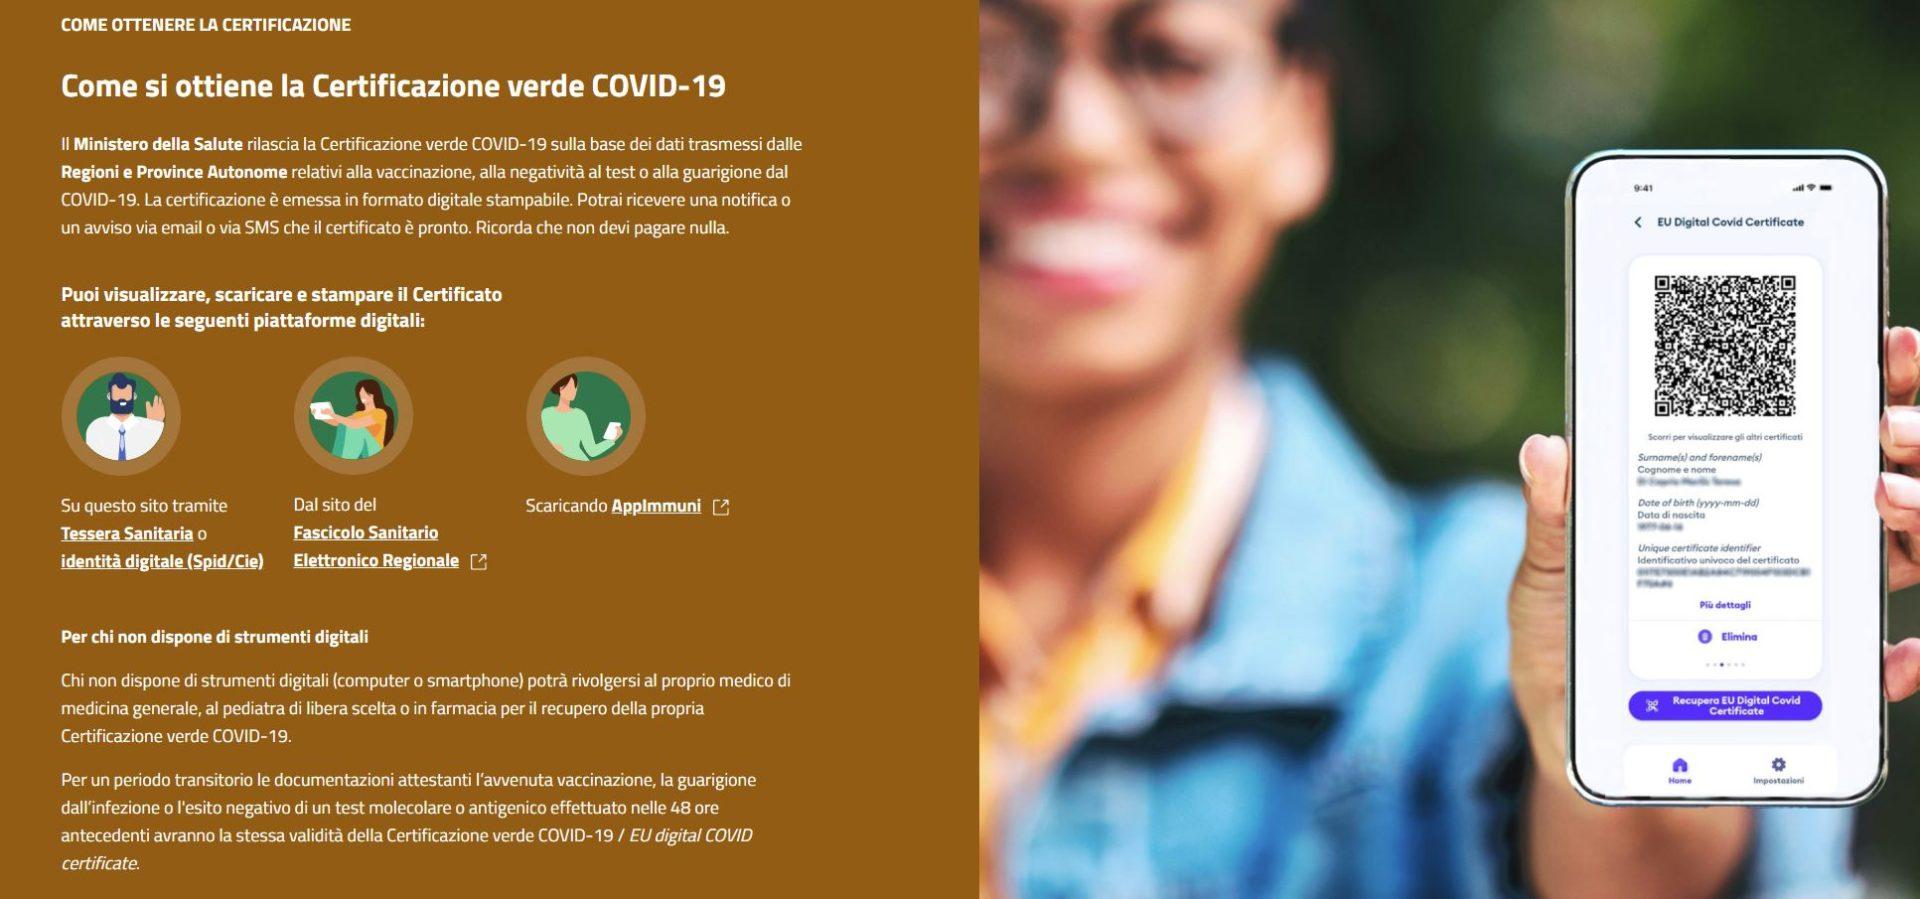 Come si ottiene la Certificazione verde COVID 19